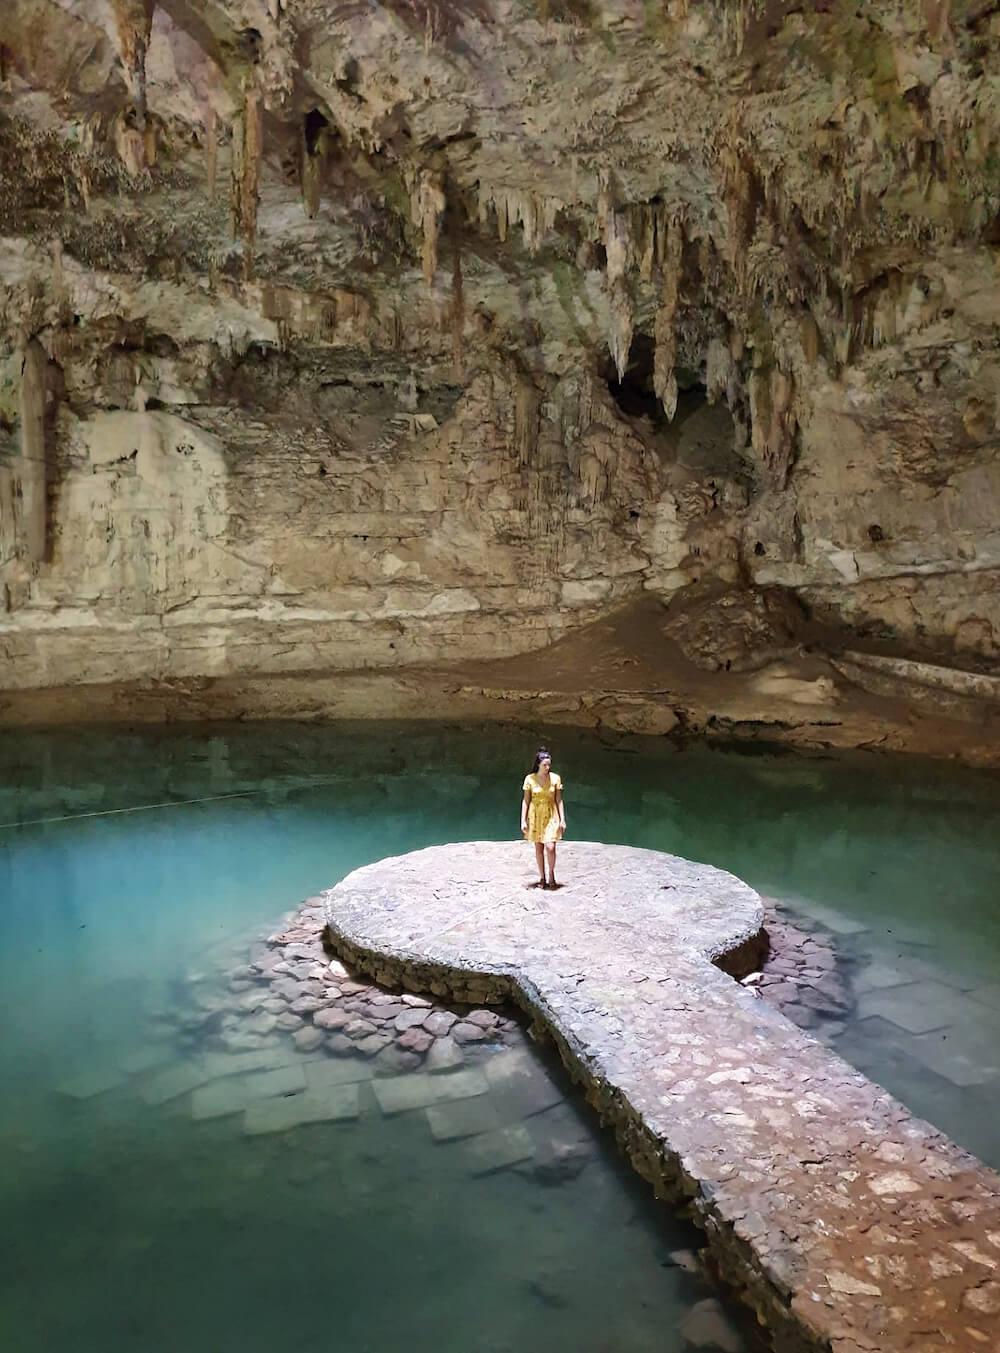 Cenote suytun mexico